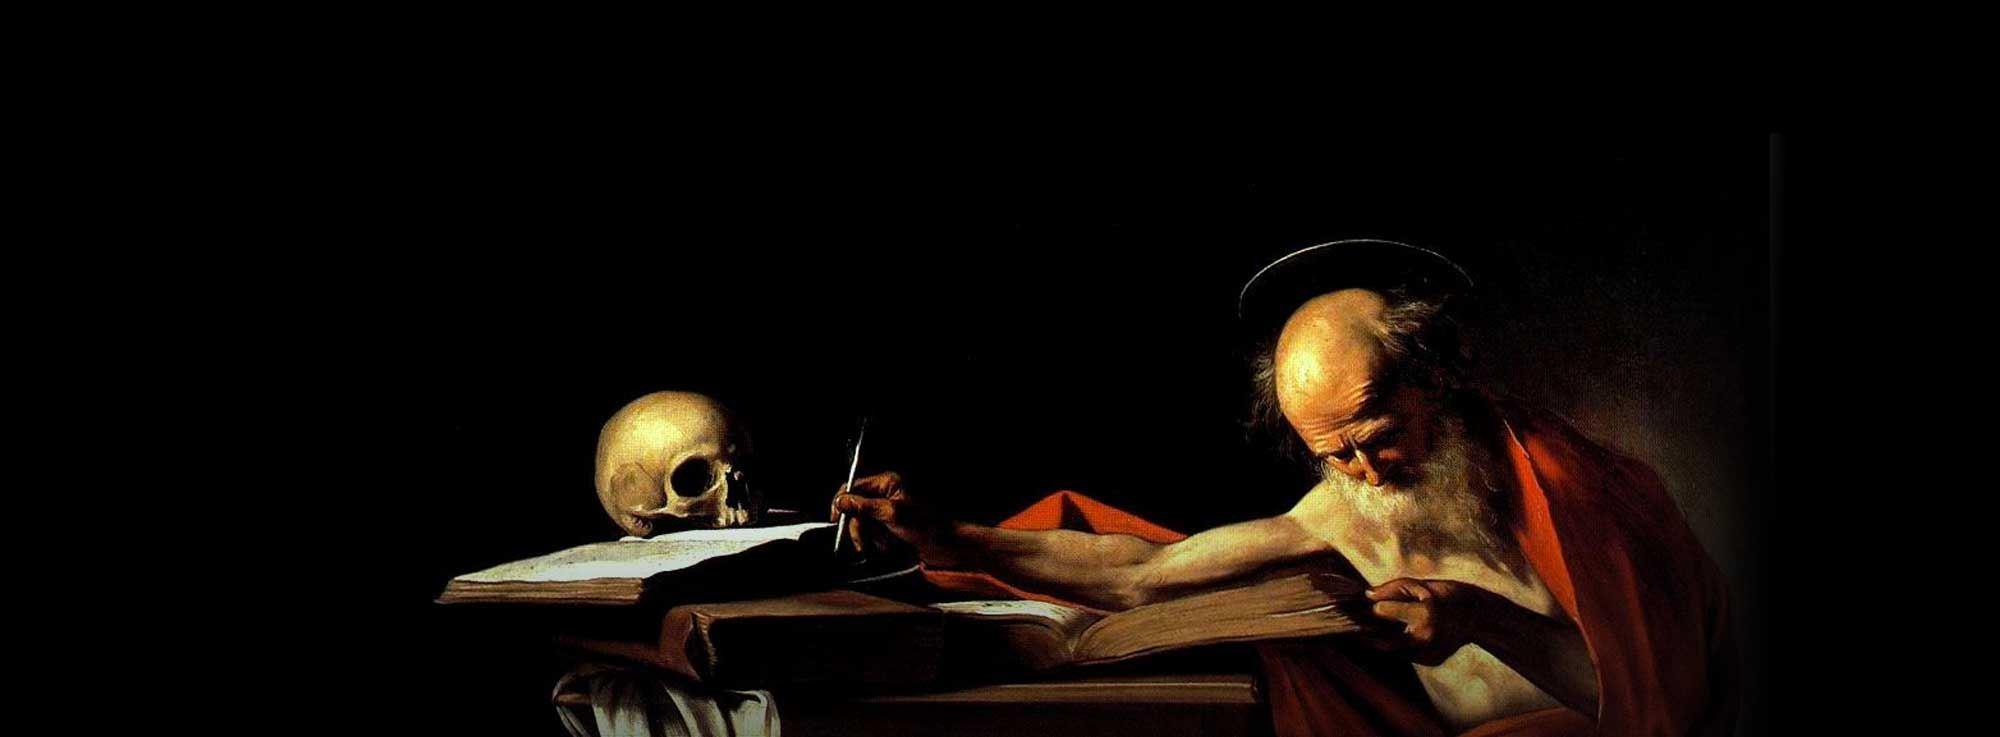 Foggia: Vittorio Sgarbi racconta Caravaggio